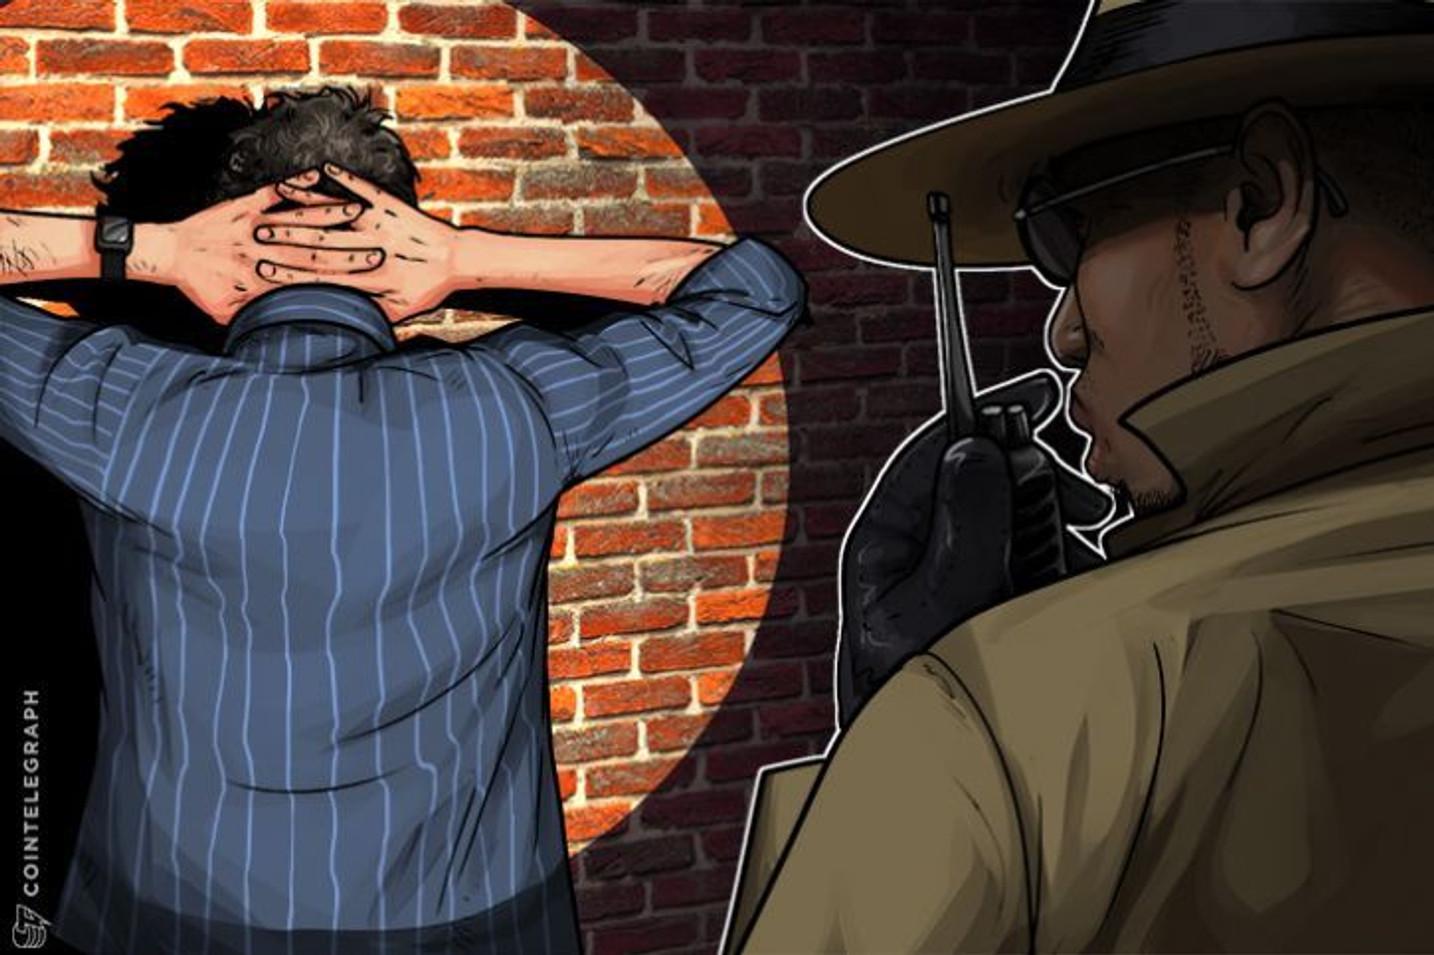 Fork Wars: Equipe da SWAT invade a casa de Lopp da BitGo em suspeita de trolagem Bitcoin